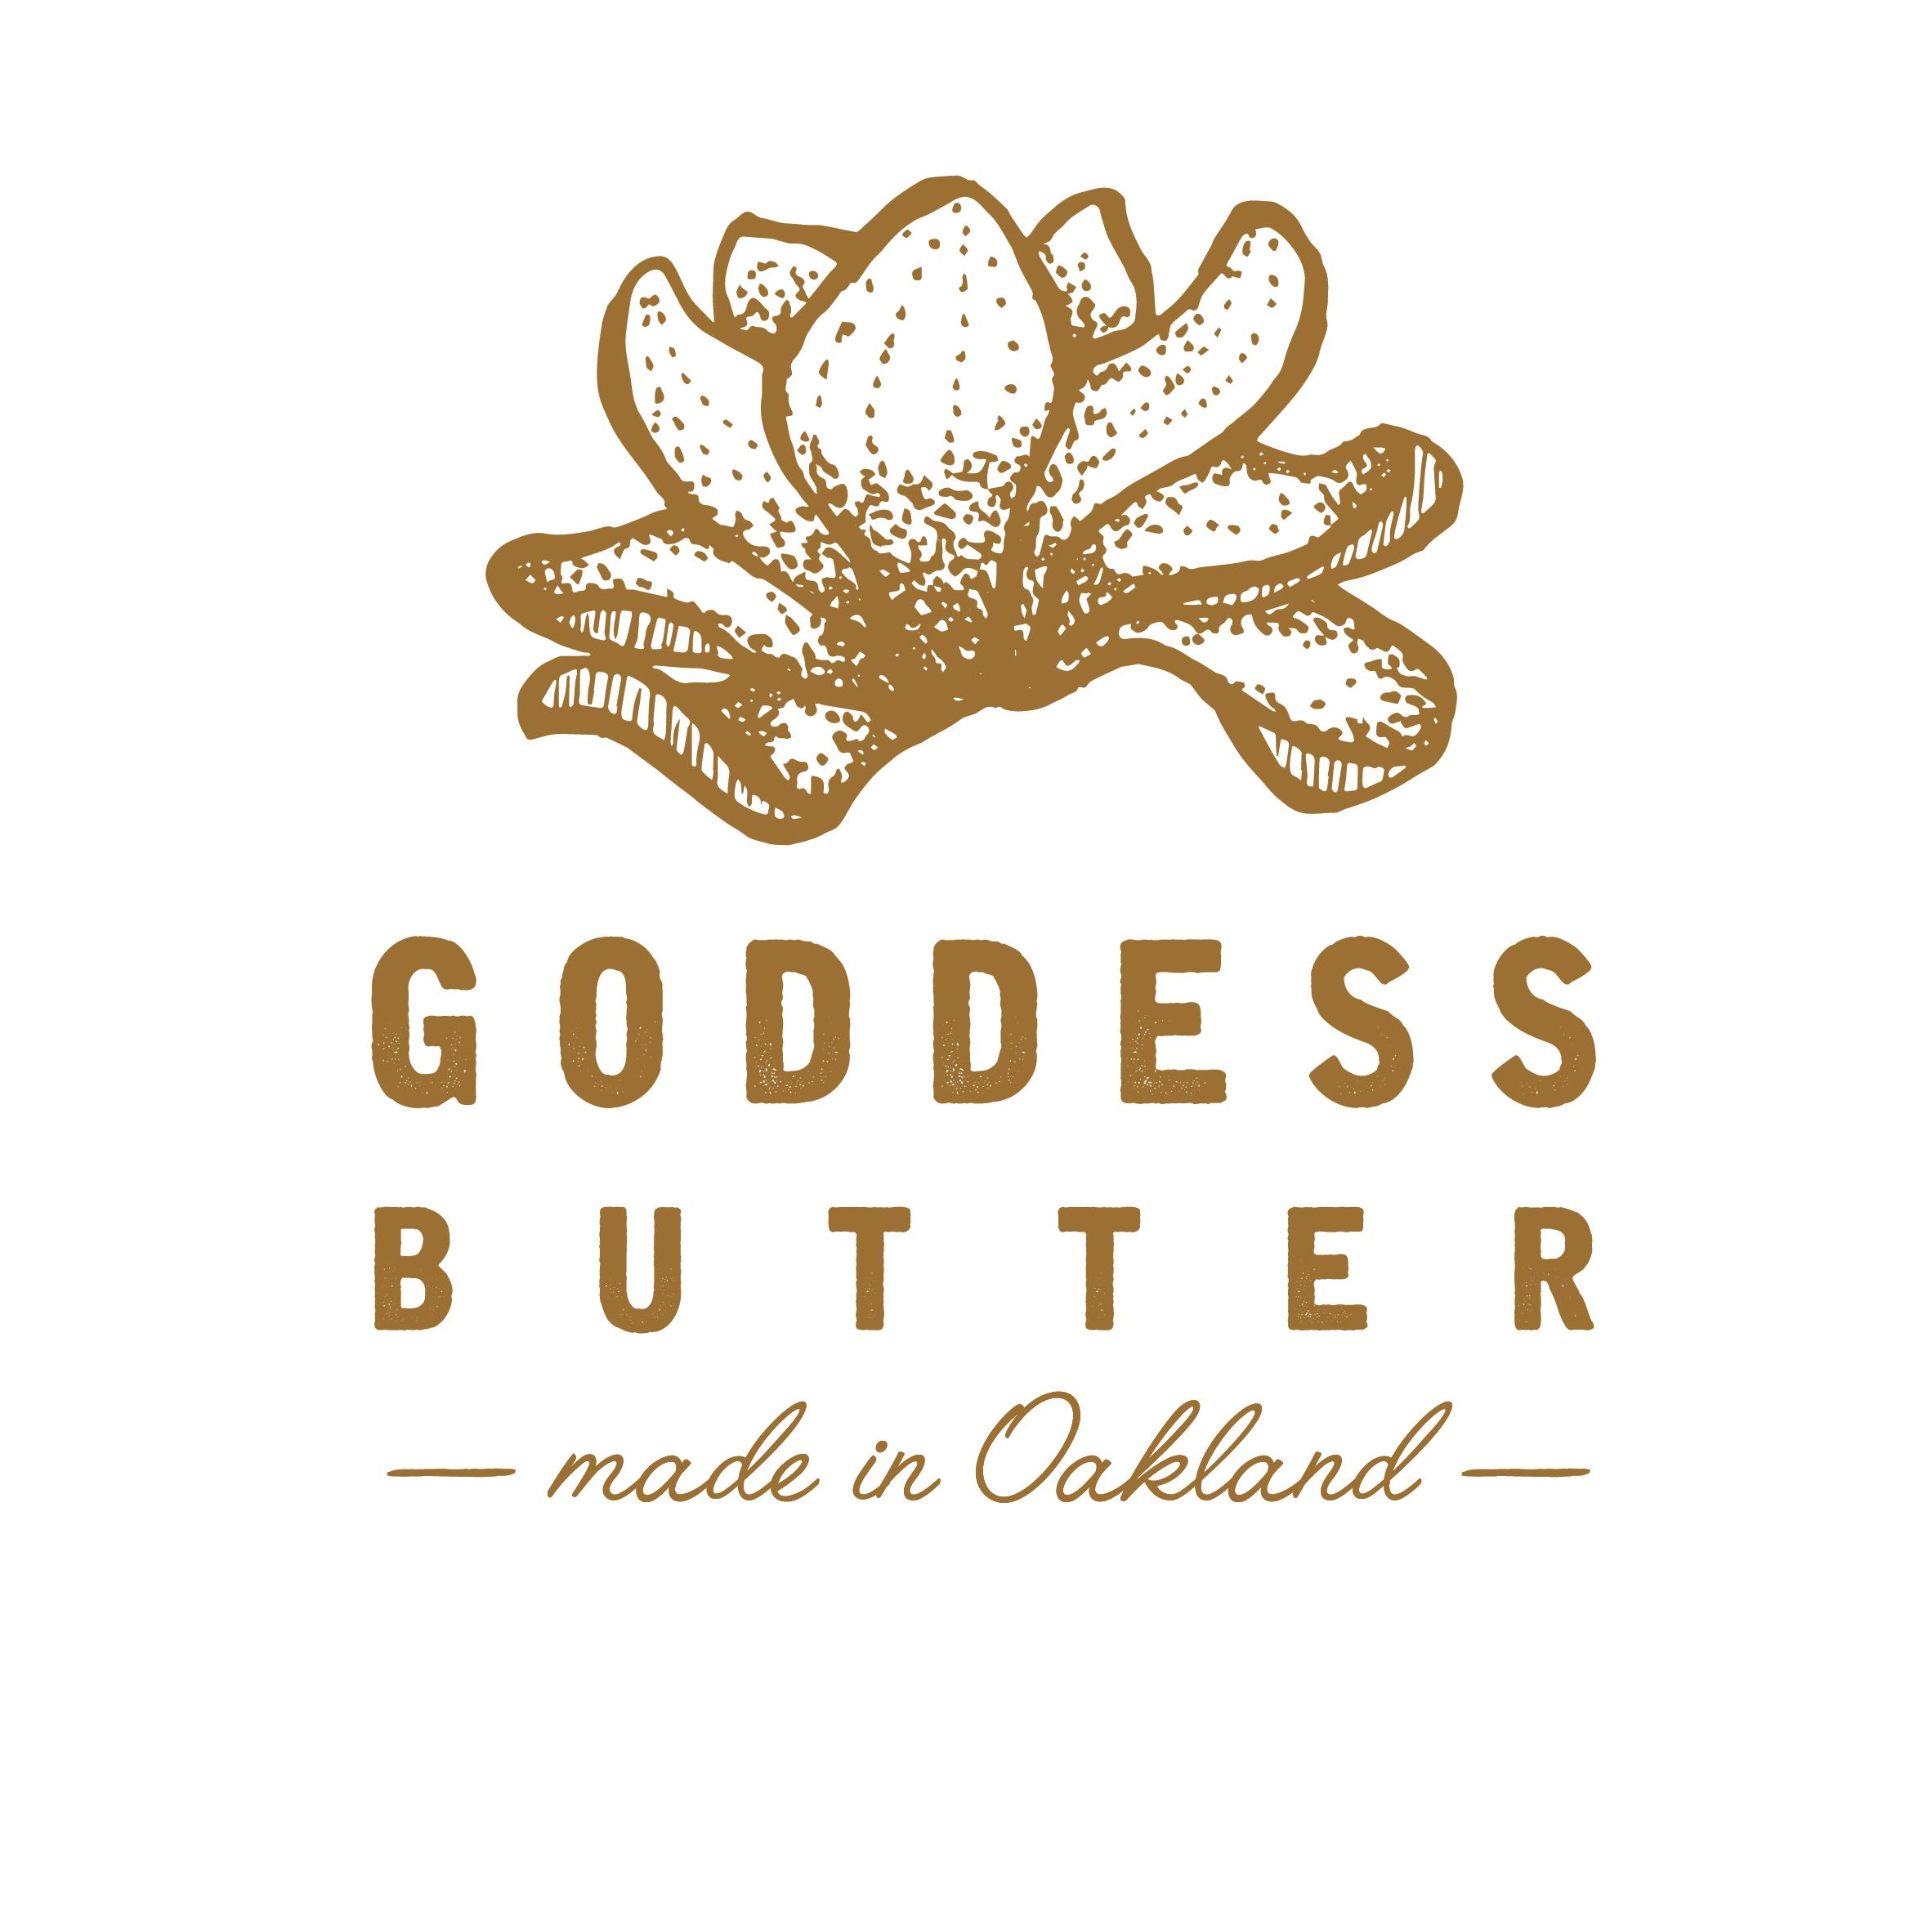 goddess butter